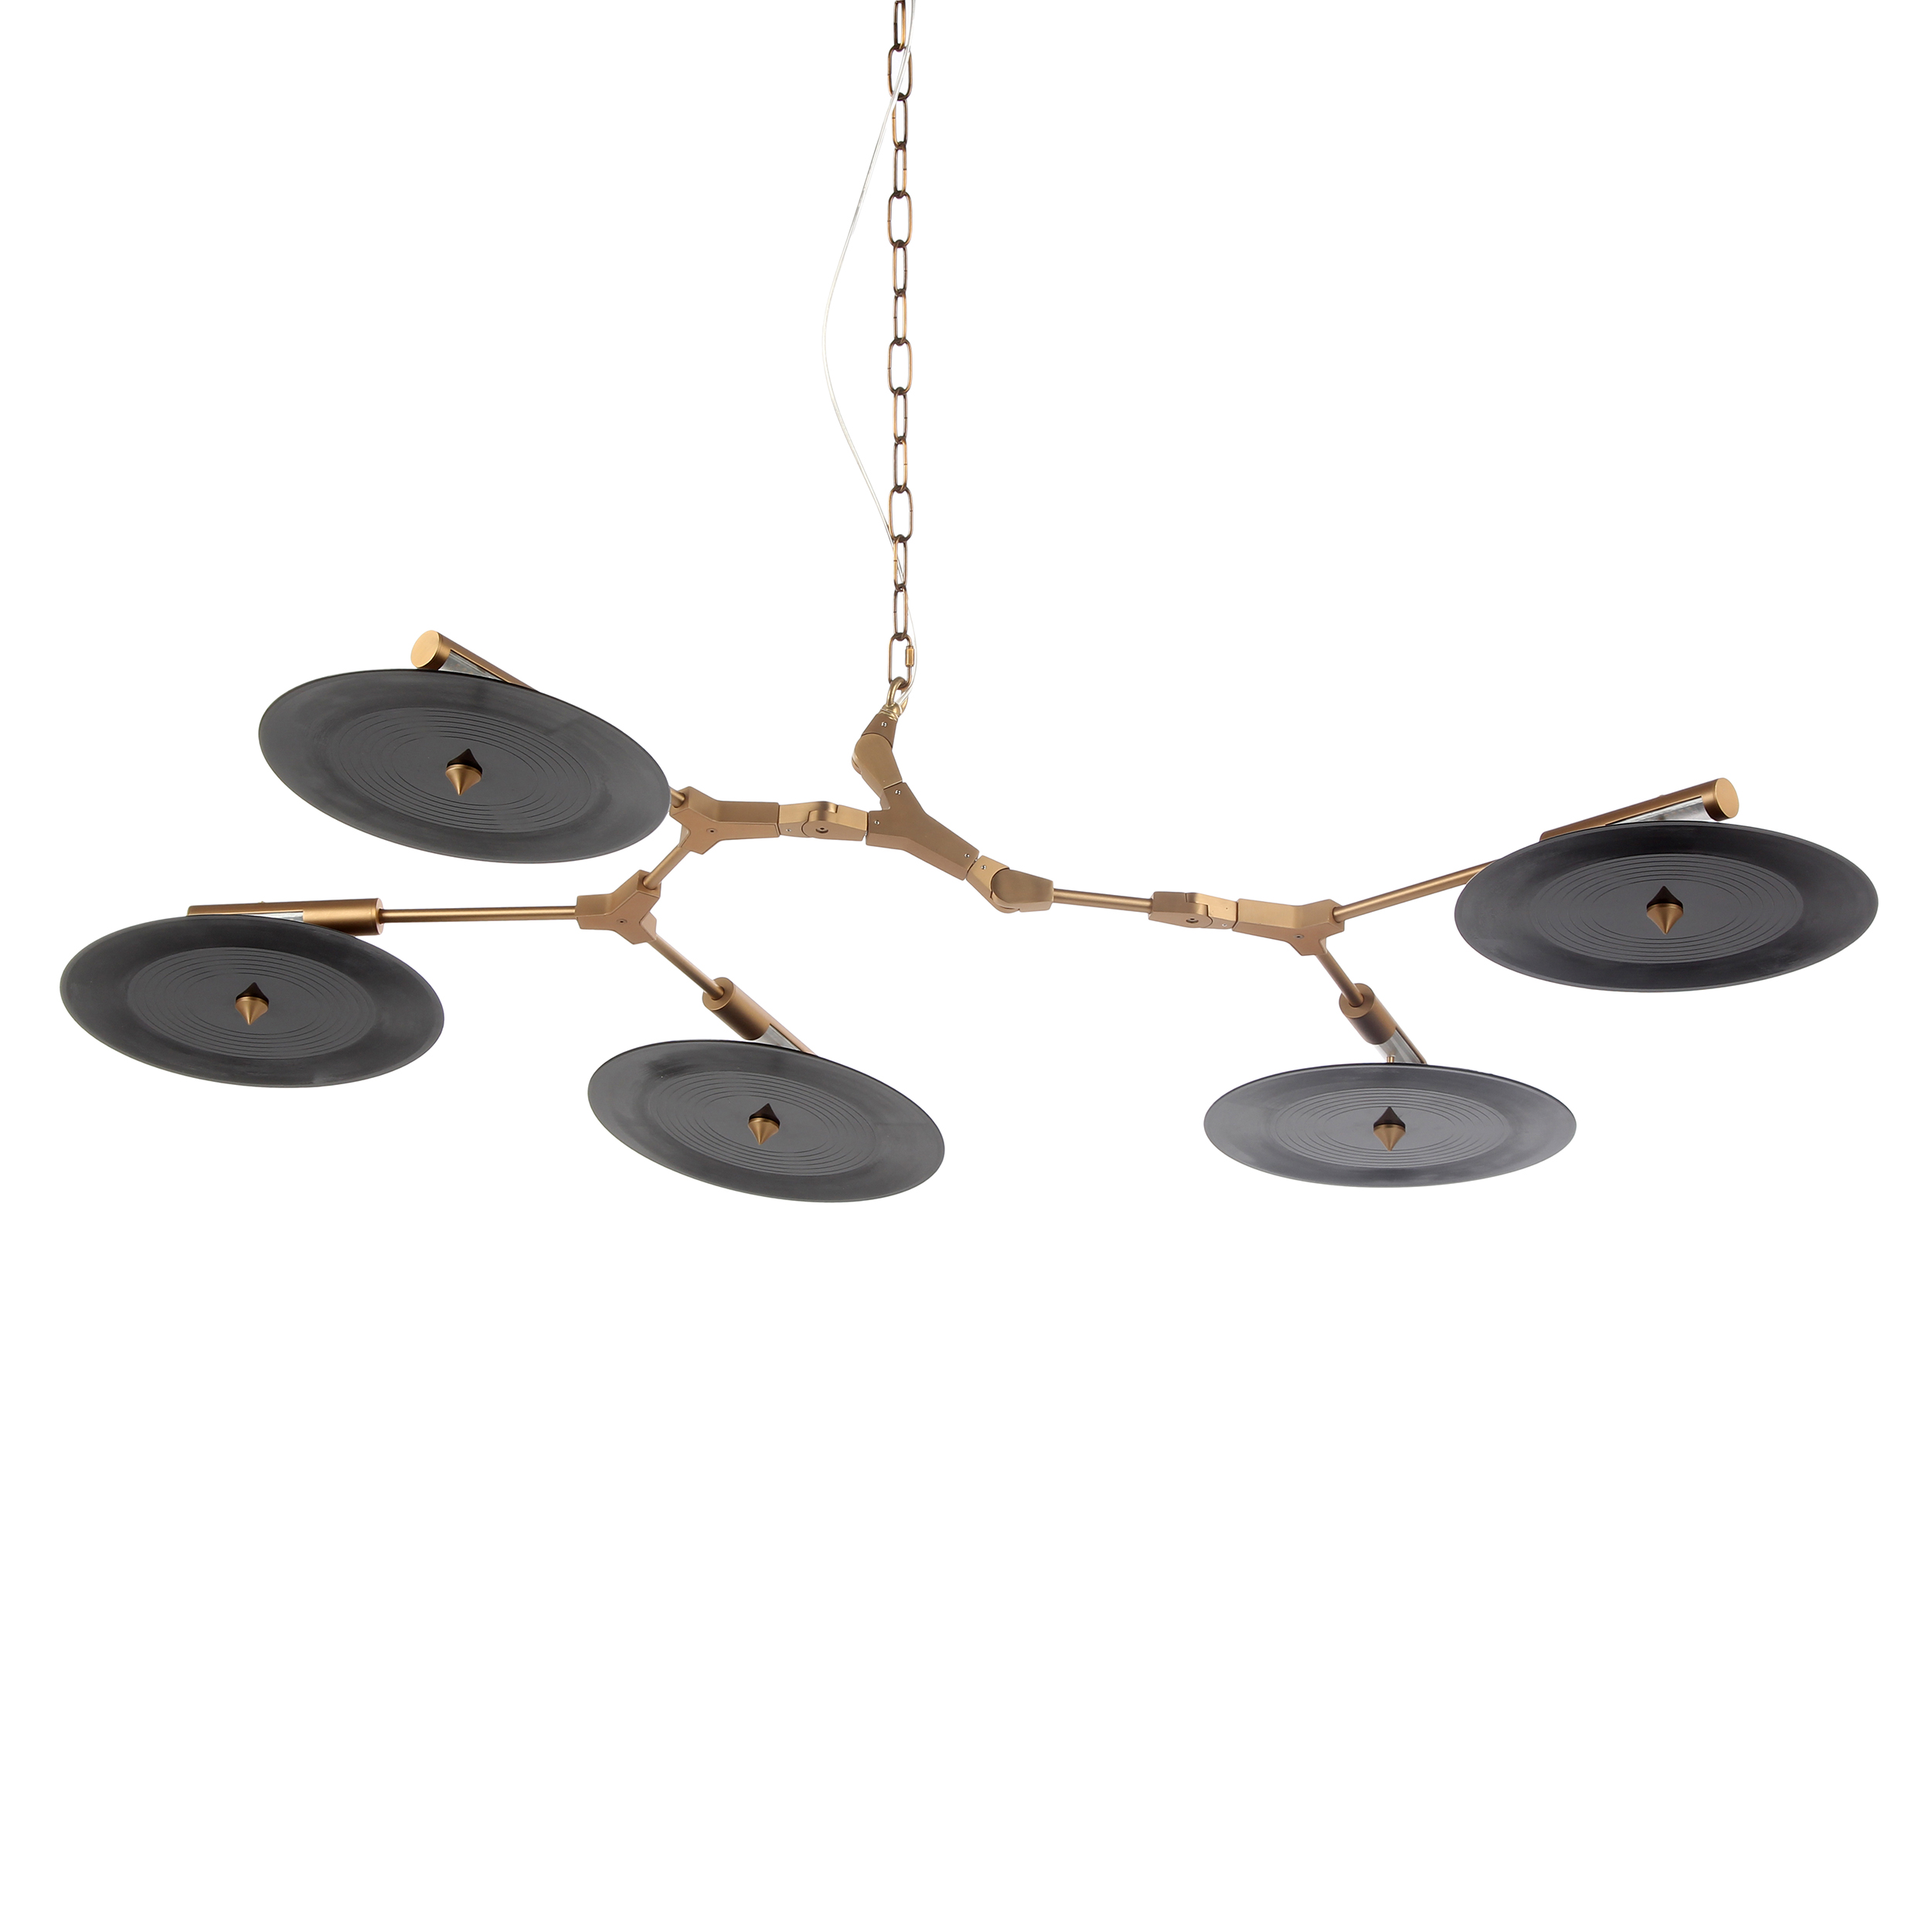 Подвесной светильник Branching Discs, 5 лампПодвесные<br>Линдси Адельман, популярный западный дизайнер, прославившаяся благодаря созданным ею осветительным приборам, создала необычайно интересное и красивое изделие — подвесной светильник Branching Discs 5 ламп, который способен легко вписаться в любой интерьер, оформленный в современном стиле. Branching Discs — это отличное решение для гармоничного освещения любого типа помещений.<br><br><br><br><br> Плафоны светильника, напоминающие собой летающие тарелки, изготовлены из прочного акрила, который в соче...<br><br>stock: 6<br>Высота: 30<br>Ширина: 90<br>Длина: 130<br>Количество ламп: 5<br>Материал абажура: Акрил<br>Материал арматуры: Сталь<br>Мощность лампы: 3<br>Ламп в комплекте: Нет<br>Напряжение: 220<br>Тип лампы/цоколь: LED<br>Цвет абажура: Черный<br>Цвет арматуры: Золотой